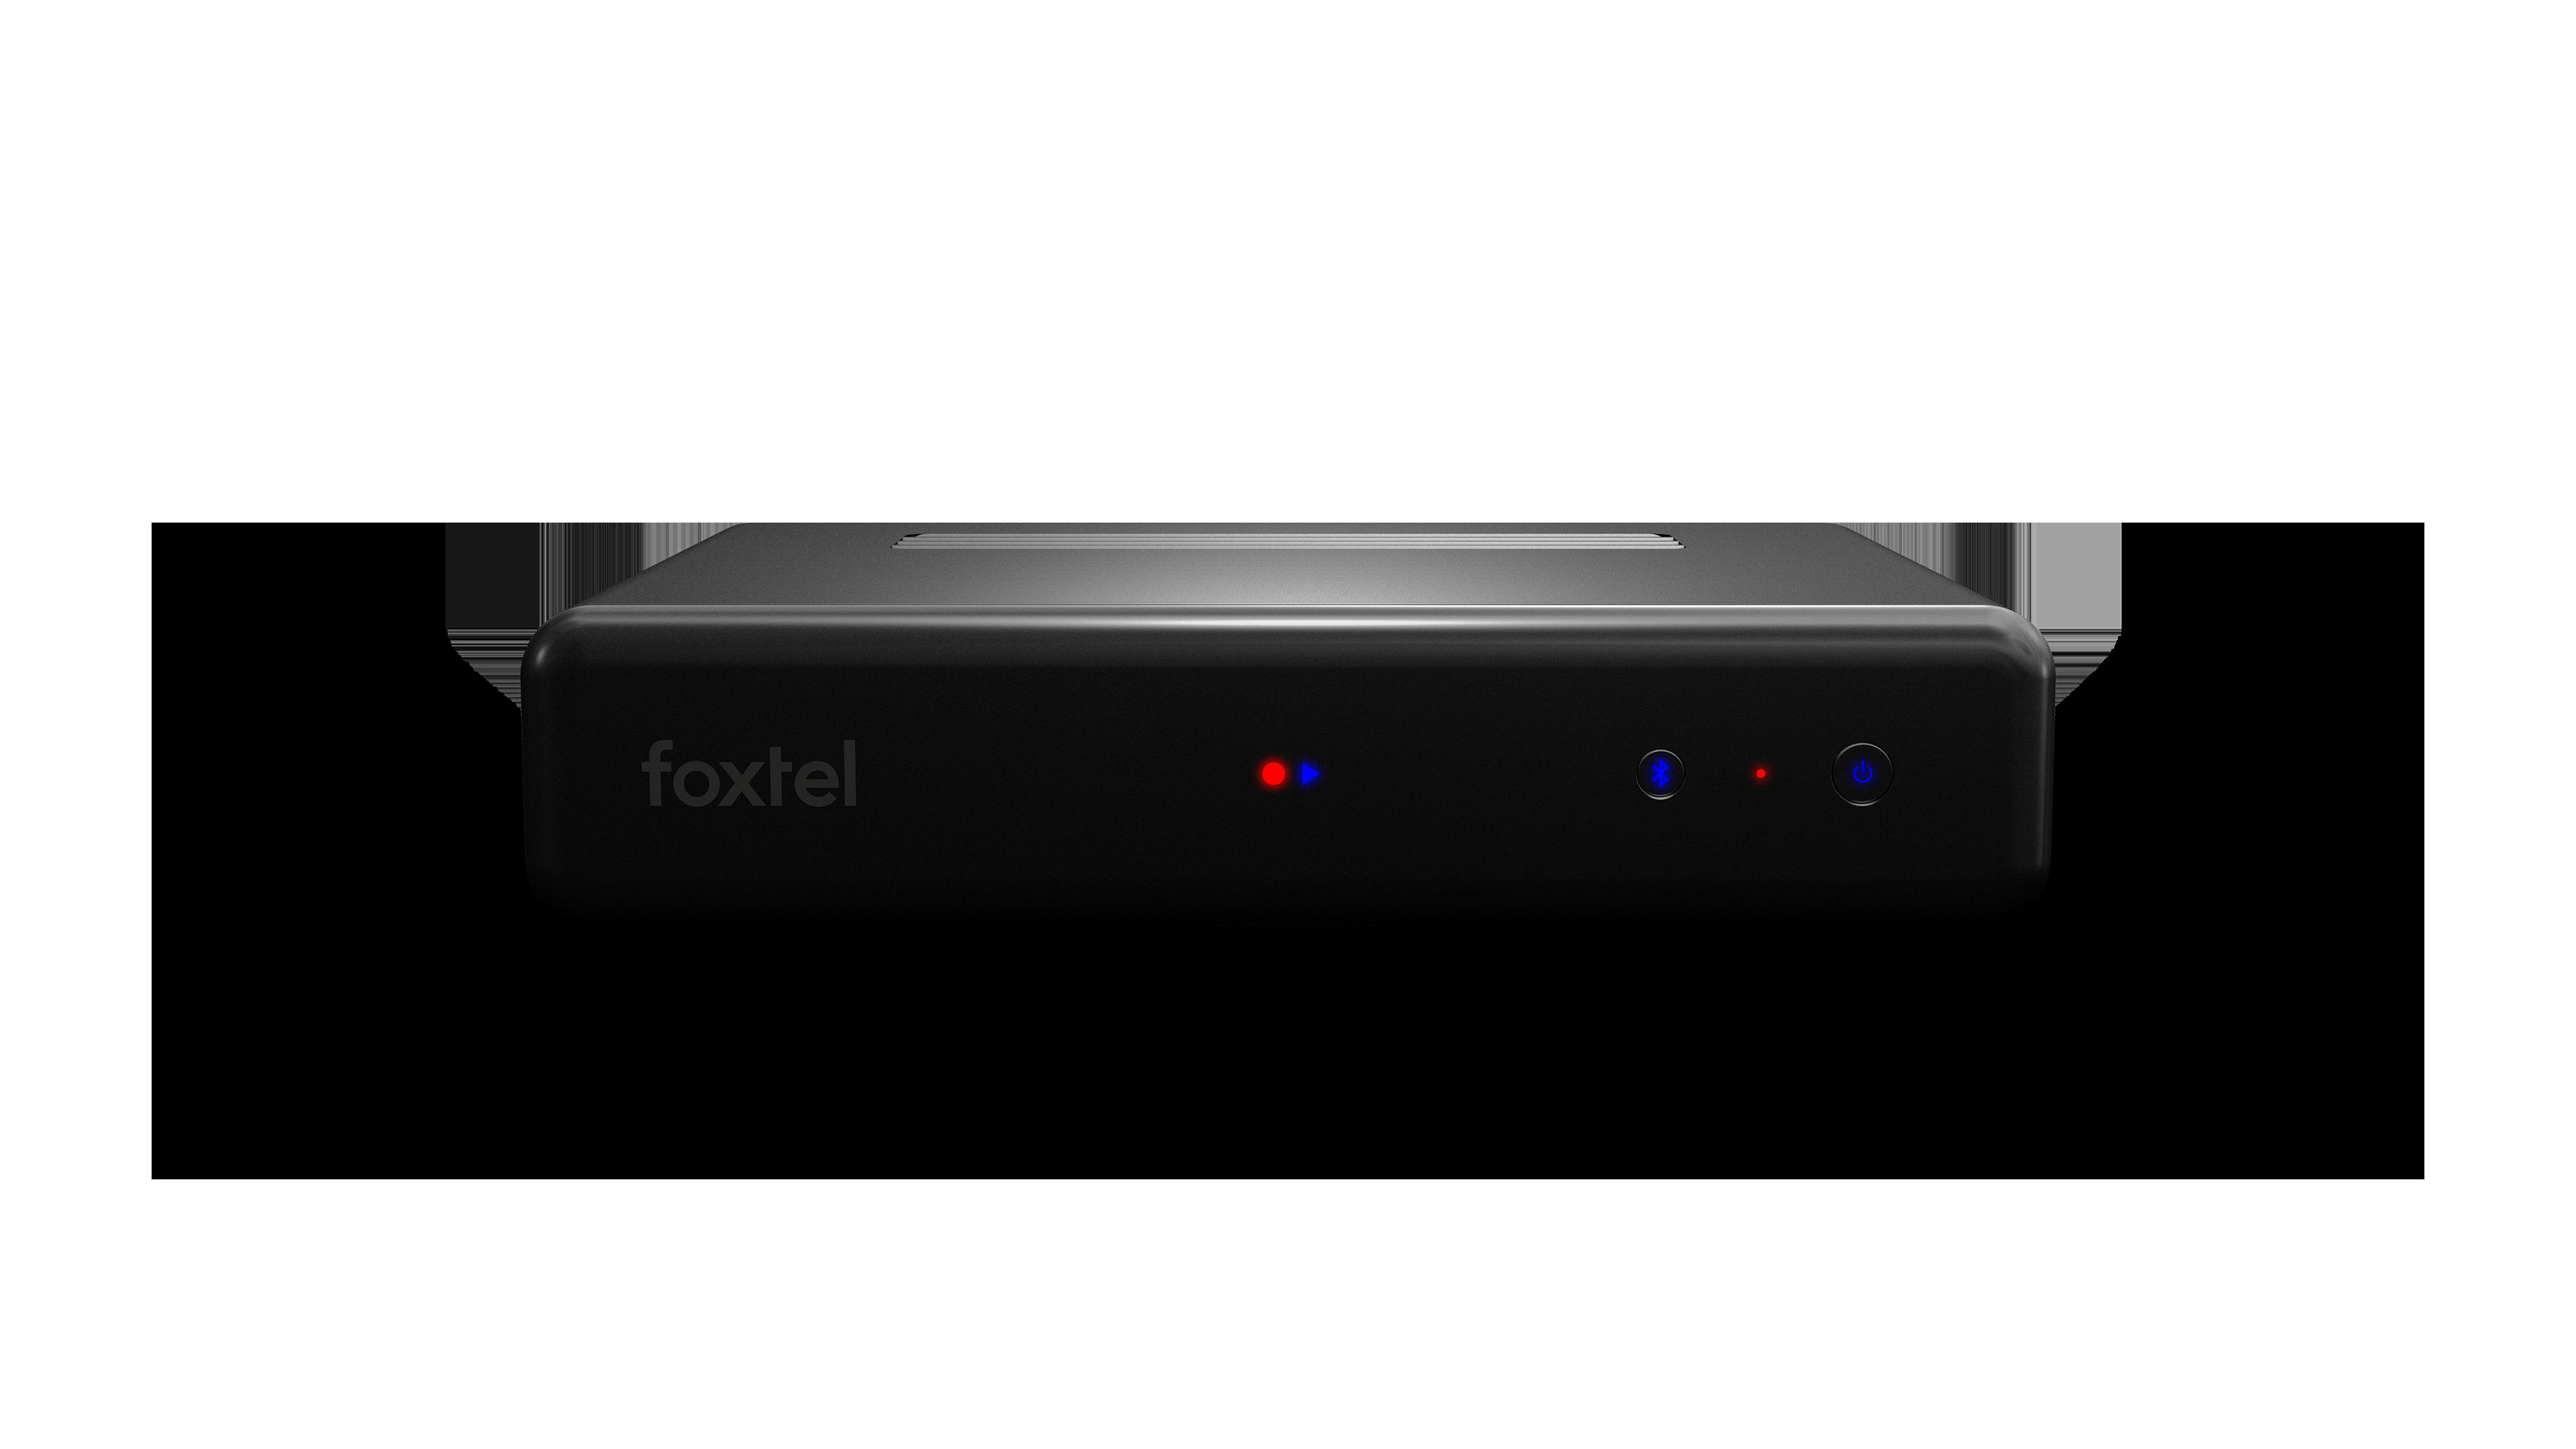 Foxtel iQ4